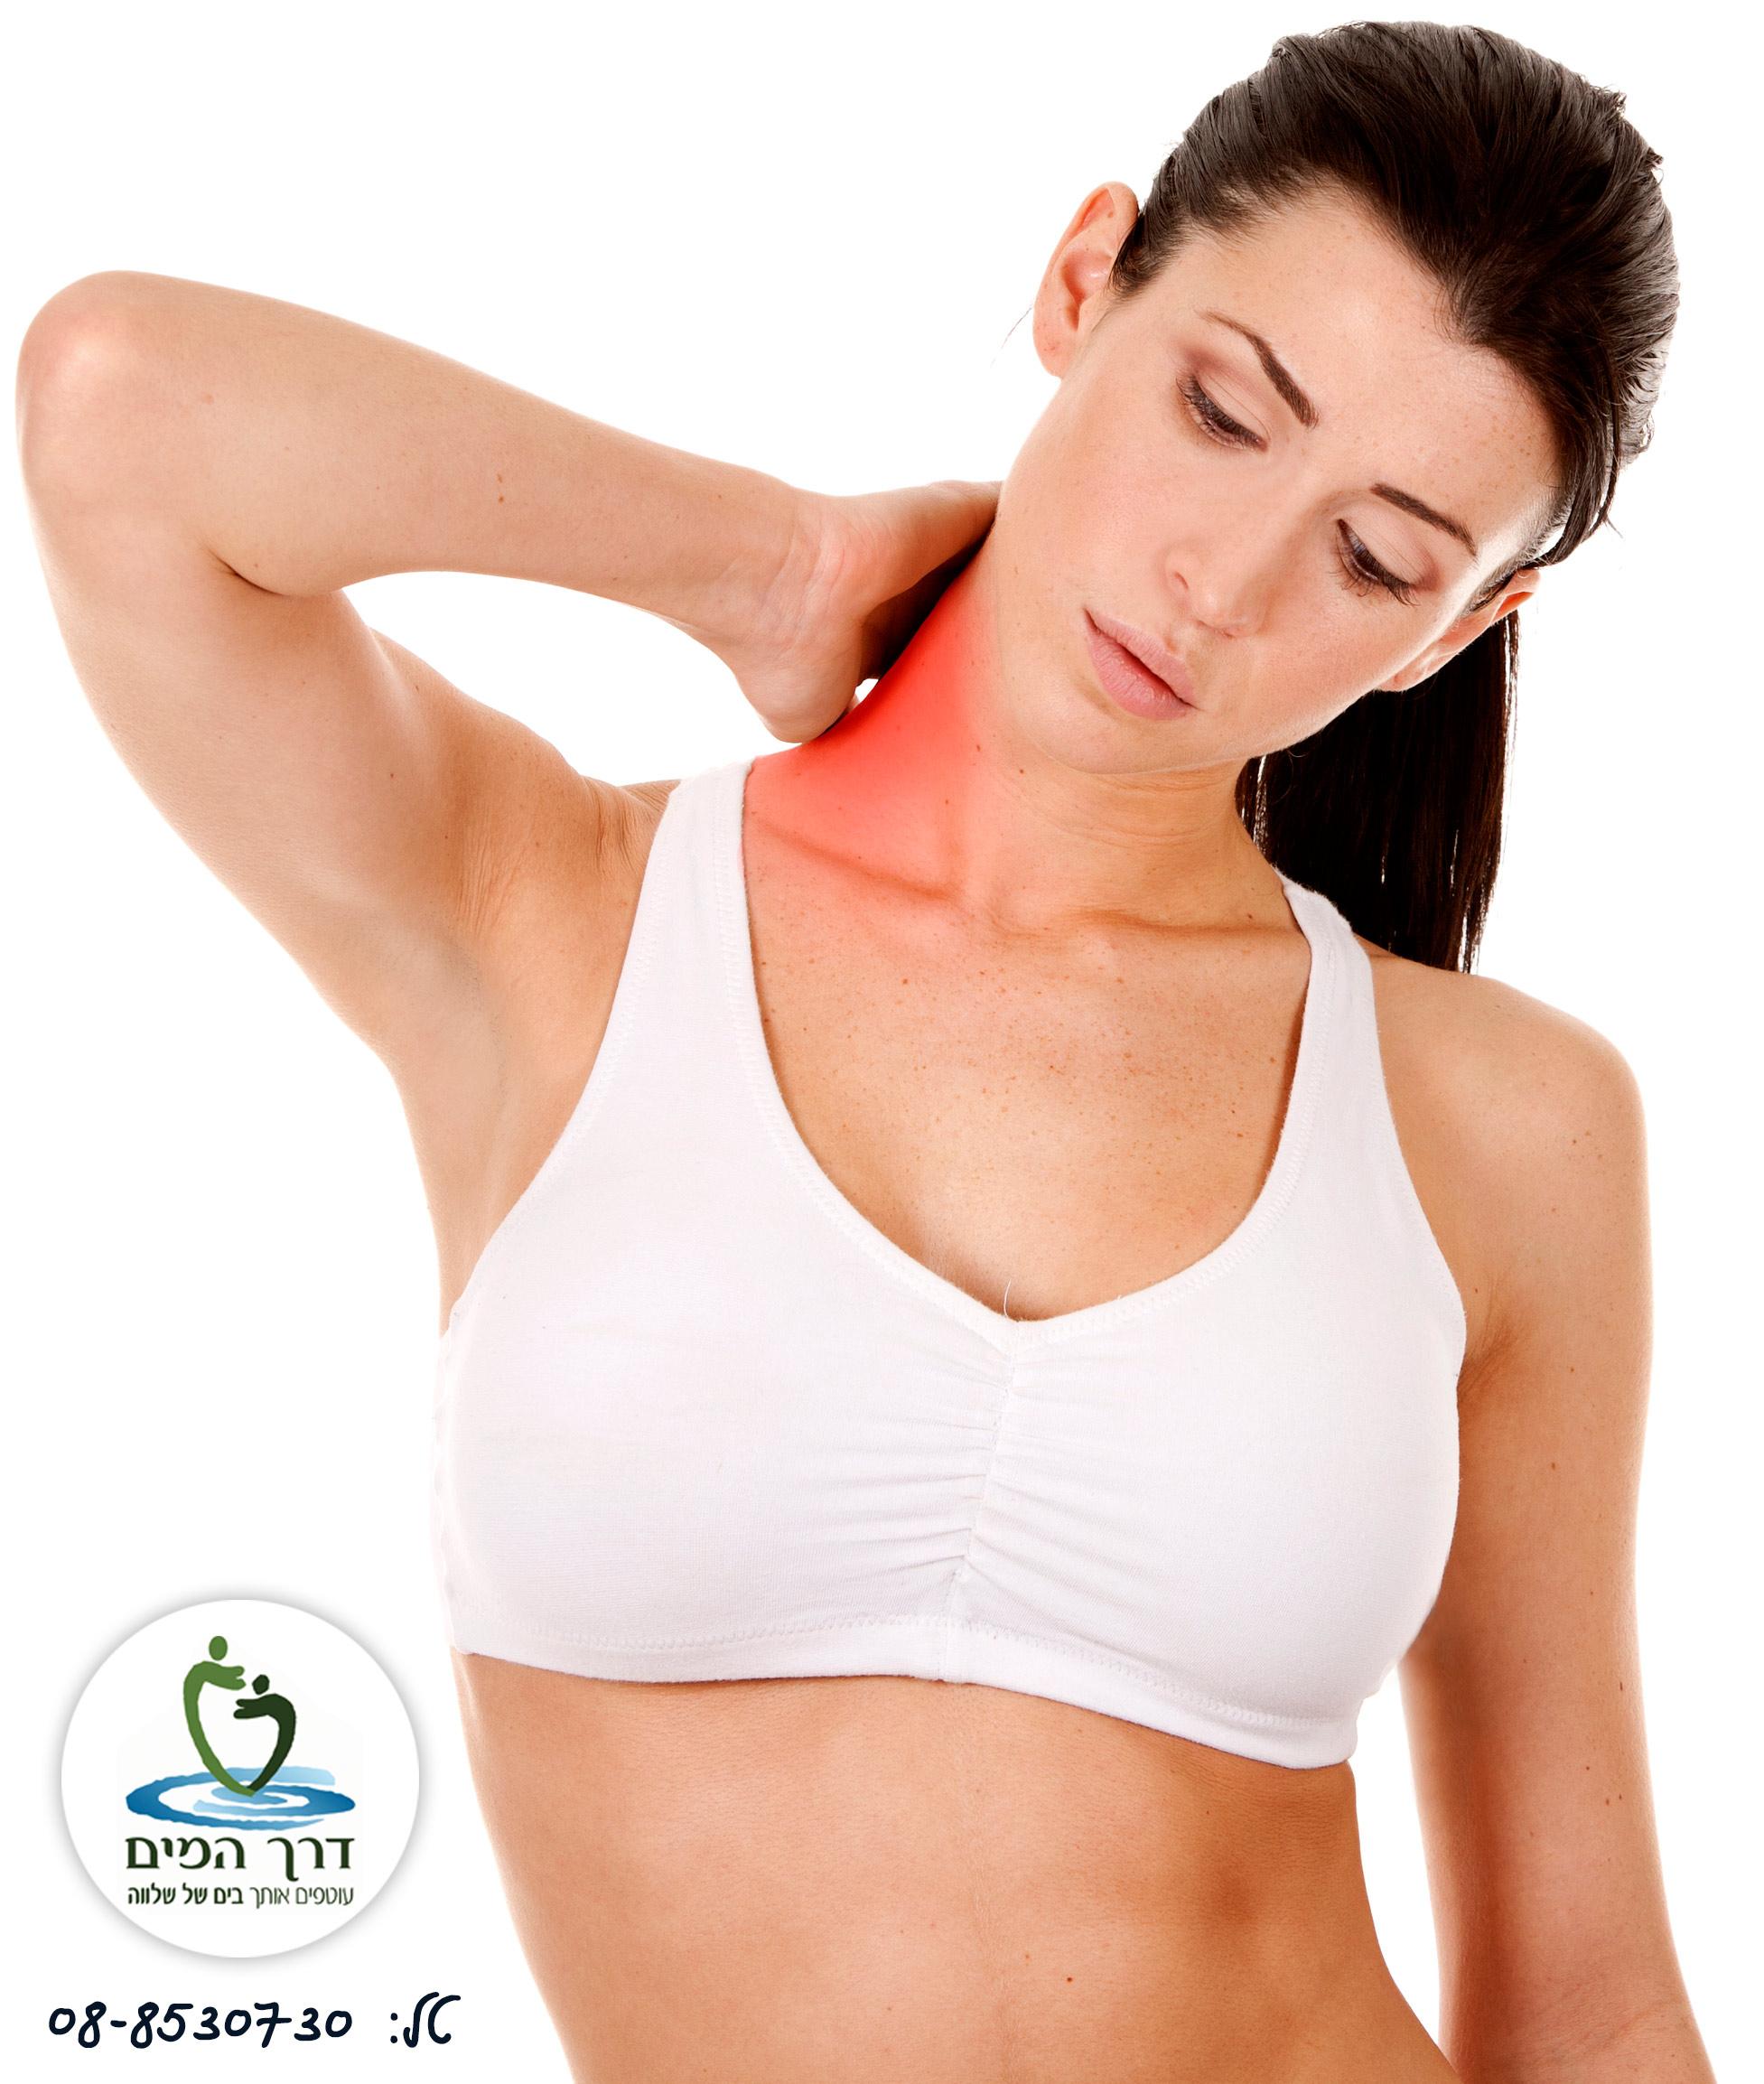 פיברו – טיפולי פיברומיאלגיה (דאבת השרירים)